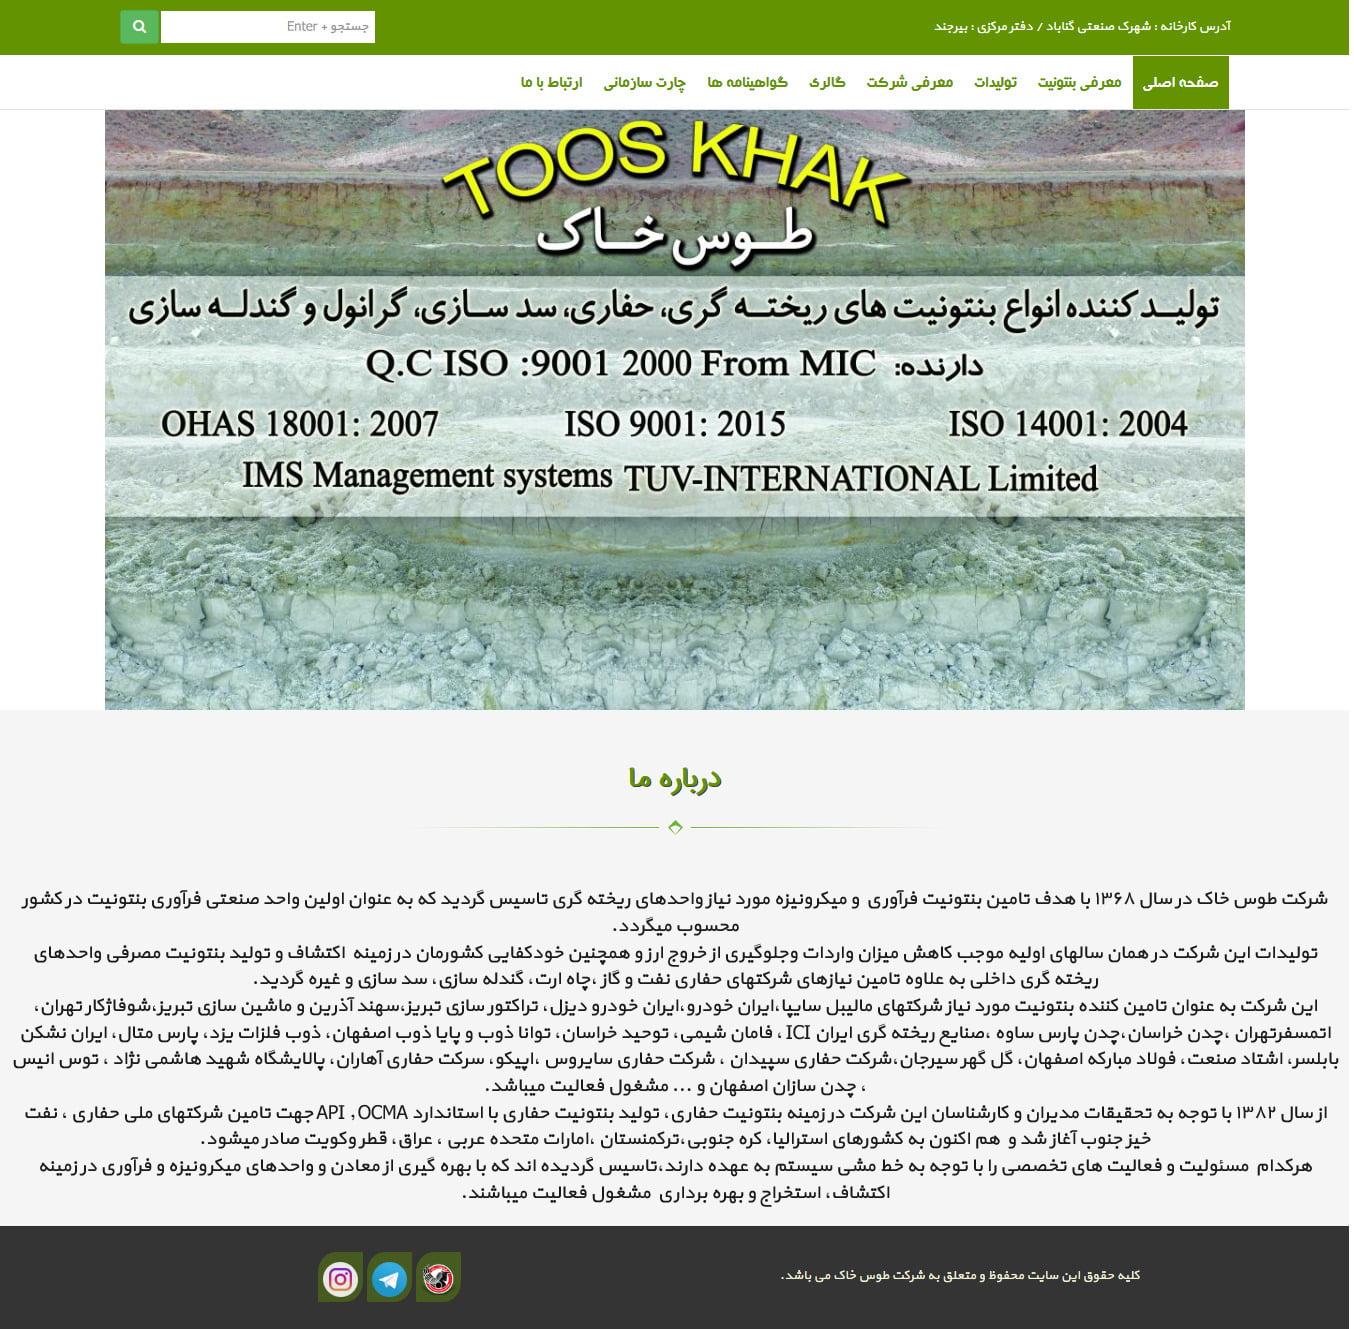 صفحه اصلی سایت شرکت طوس خاک